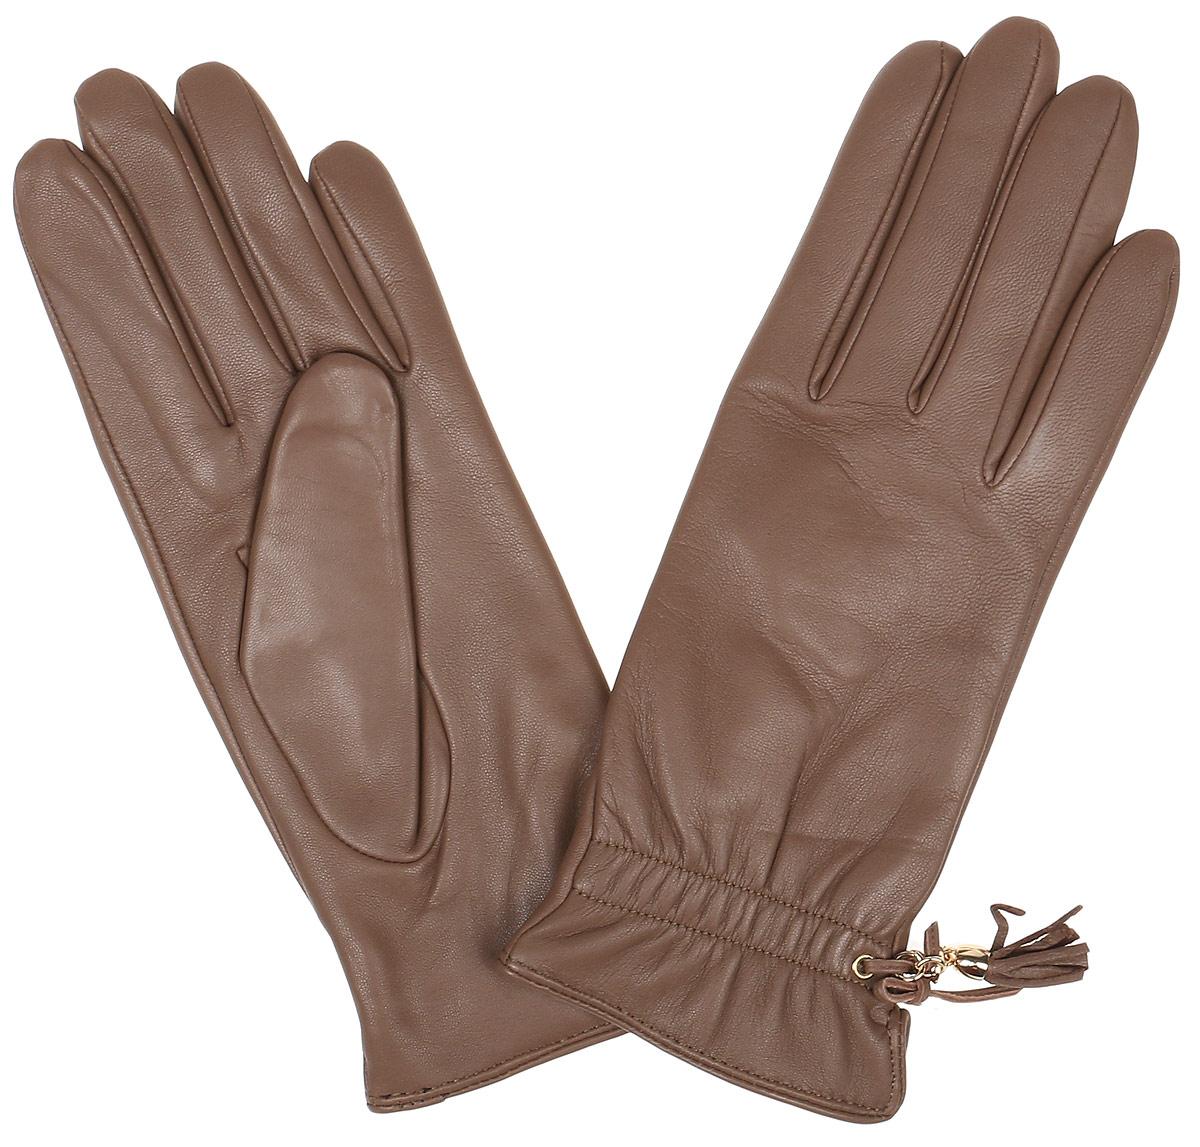 Перчатки женские Fabretti, цвет: темно-бежевый. 12.37-22. Размер 6,512.37-22 dark beigeЭлегантные женские перчатки Fabretti станут великолепным дополнением вашего образа и защитят ваши руки от холода и ветра во время прогулок. Перчатки выполнены из натуральной кожи ягненка, подкладка - из шерсти и кашемира. Модель декорирована оригинальным бантиком и кожаной кисточкой. Такие перчатки будут оригинальным завершающим штрихом в создании современного модного образа, они подчеркнут ваш изысканный вкус и станут незаменимым и практичным аксессуаром.